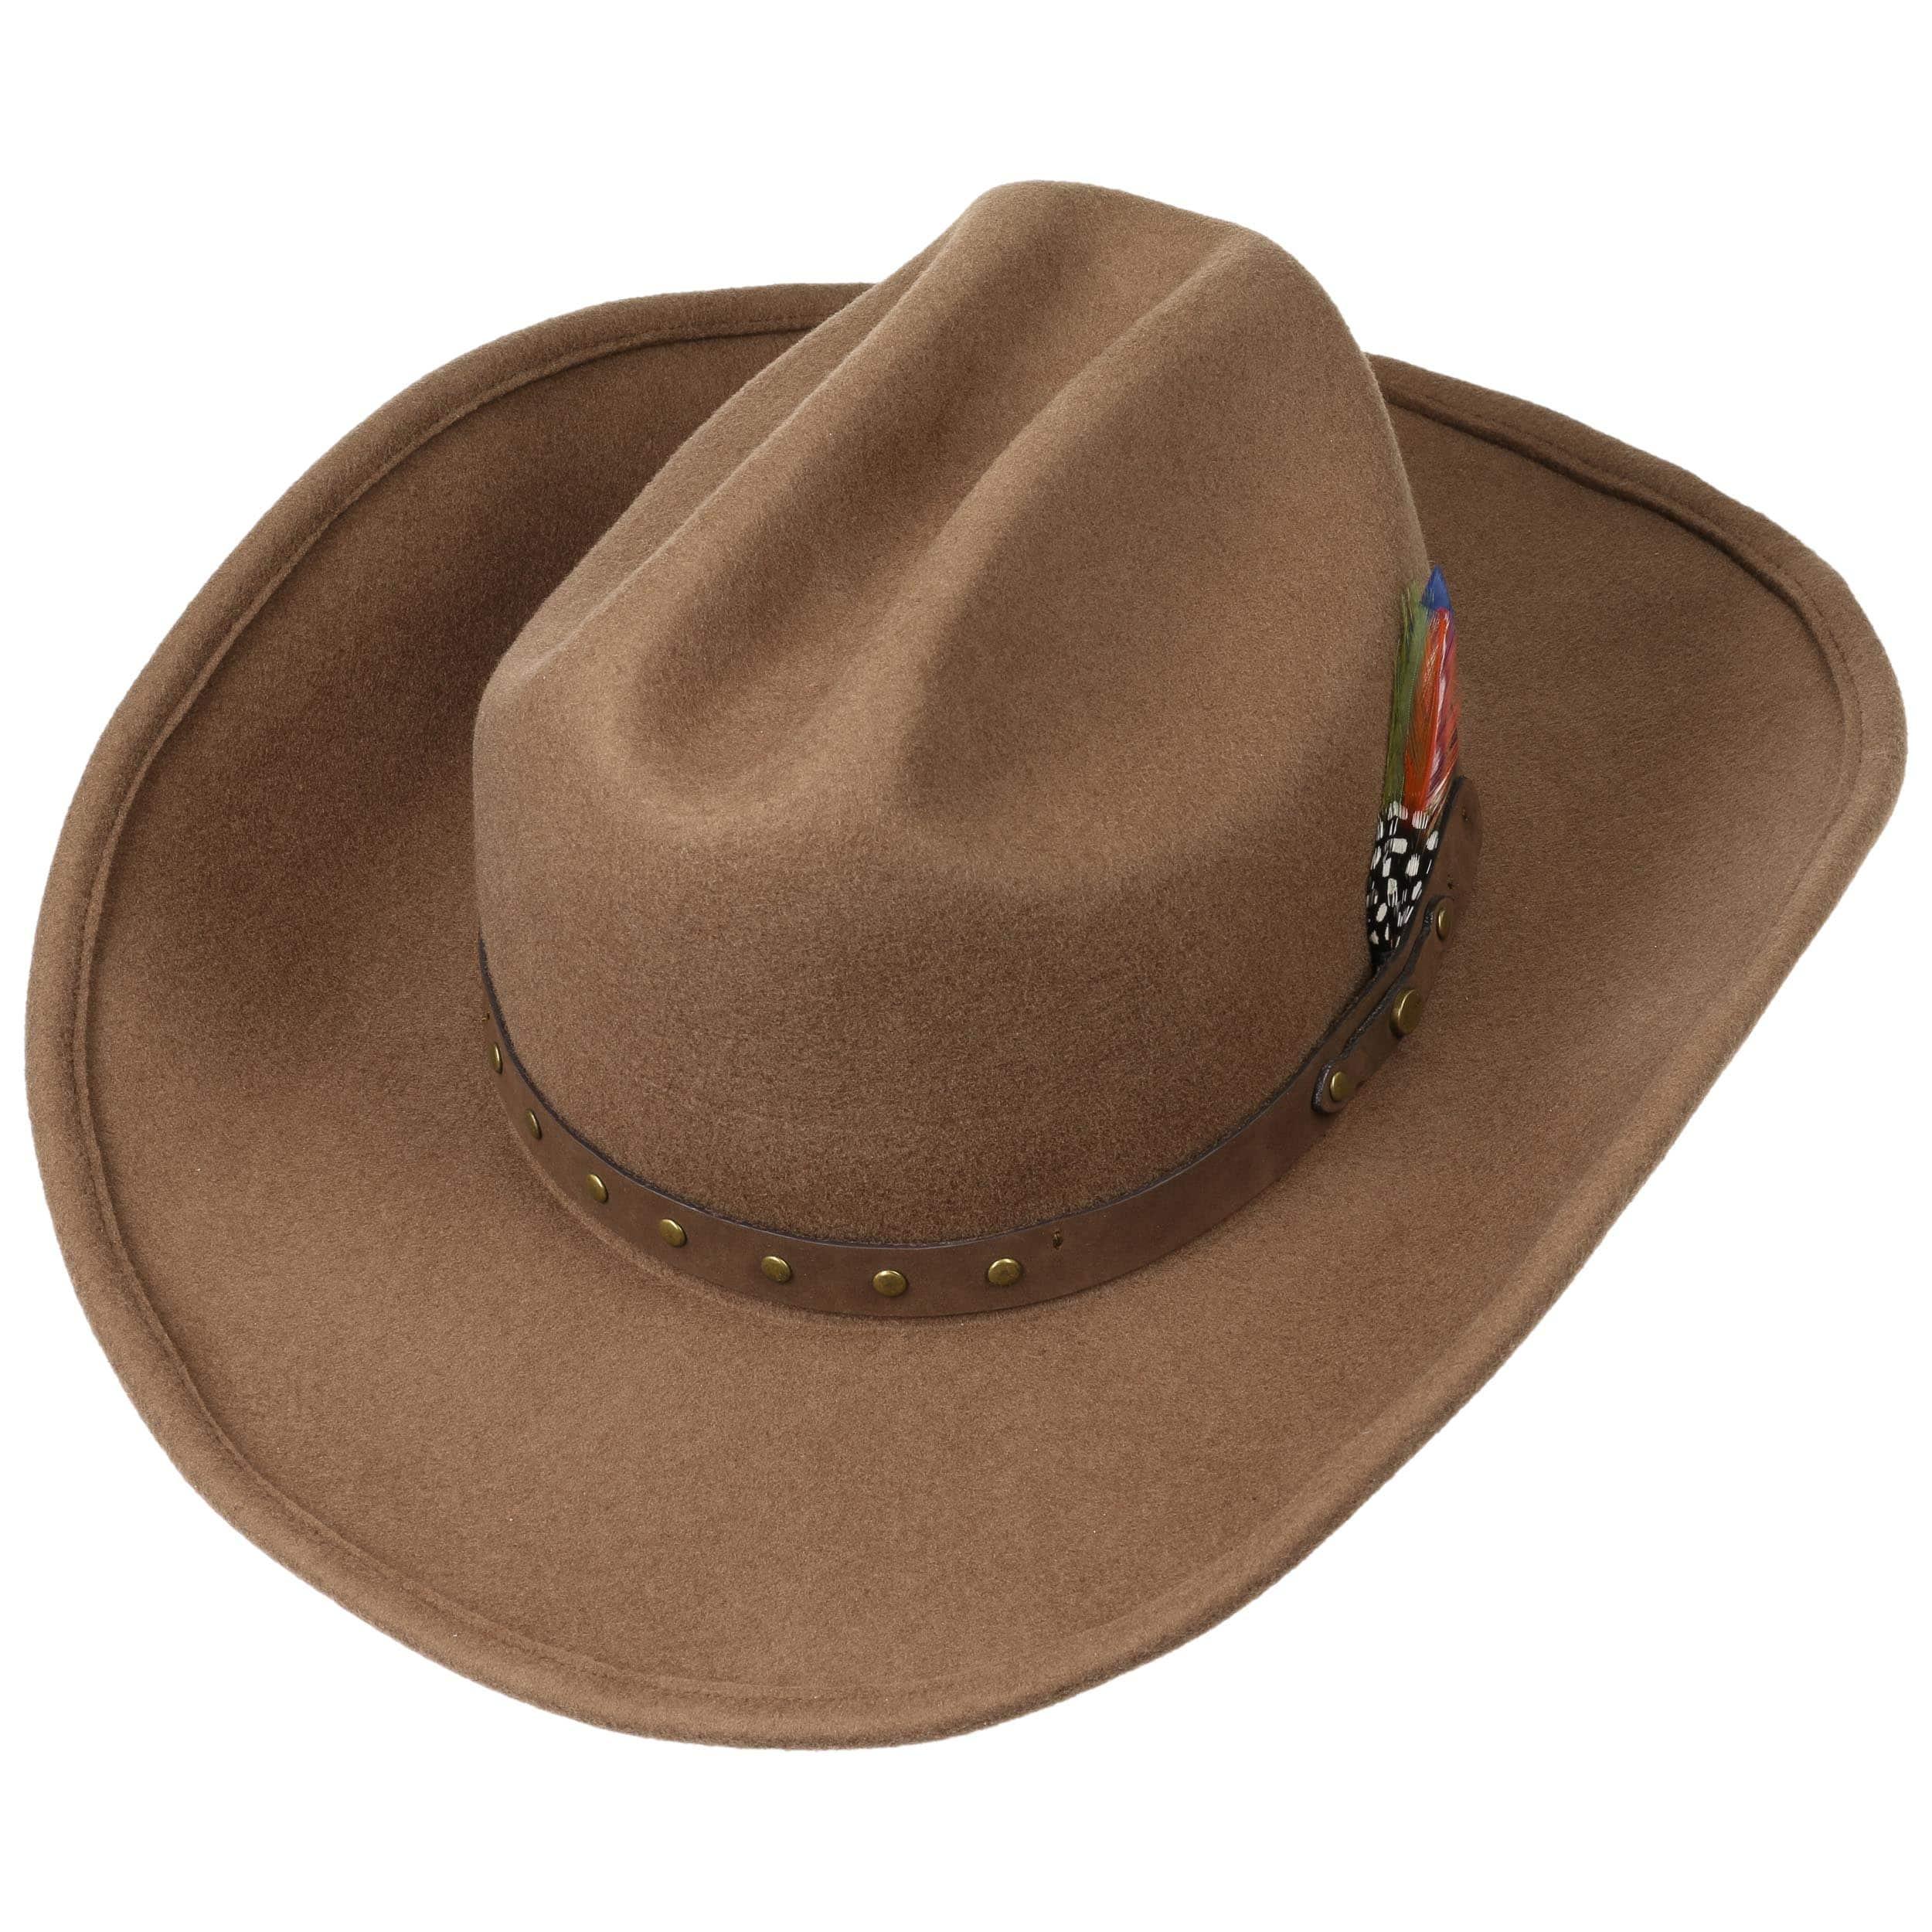 98c2a296e54 Greg Bourdy Cowboy Stetson Hats Uk